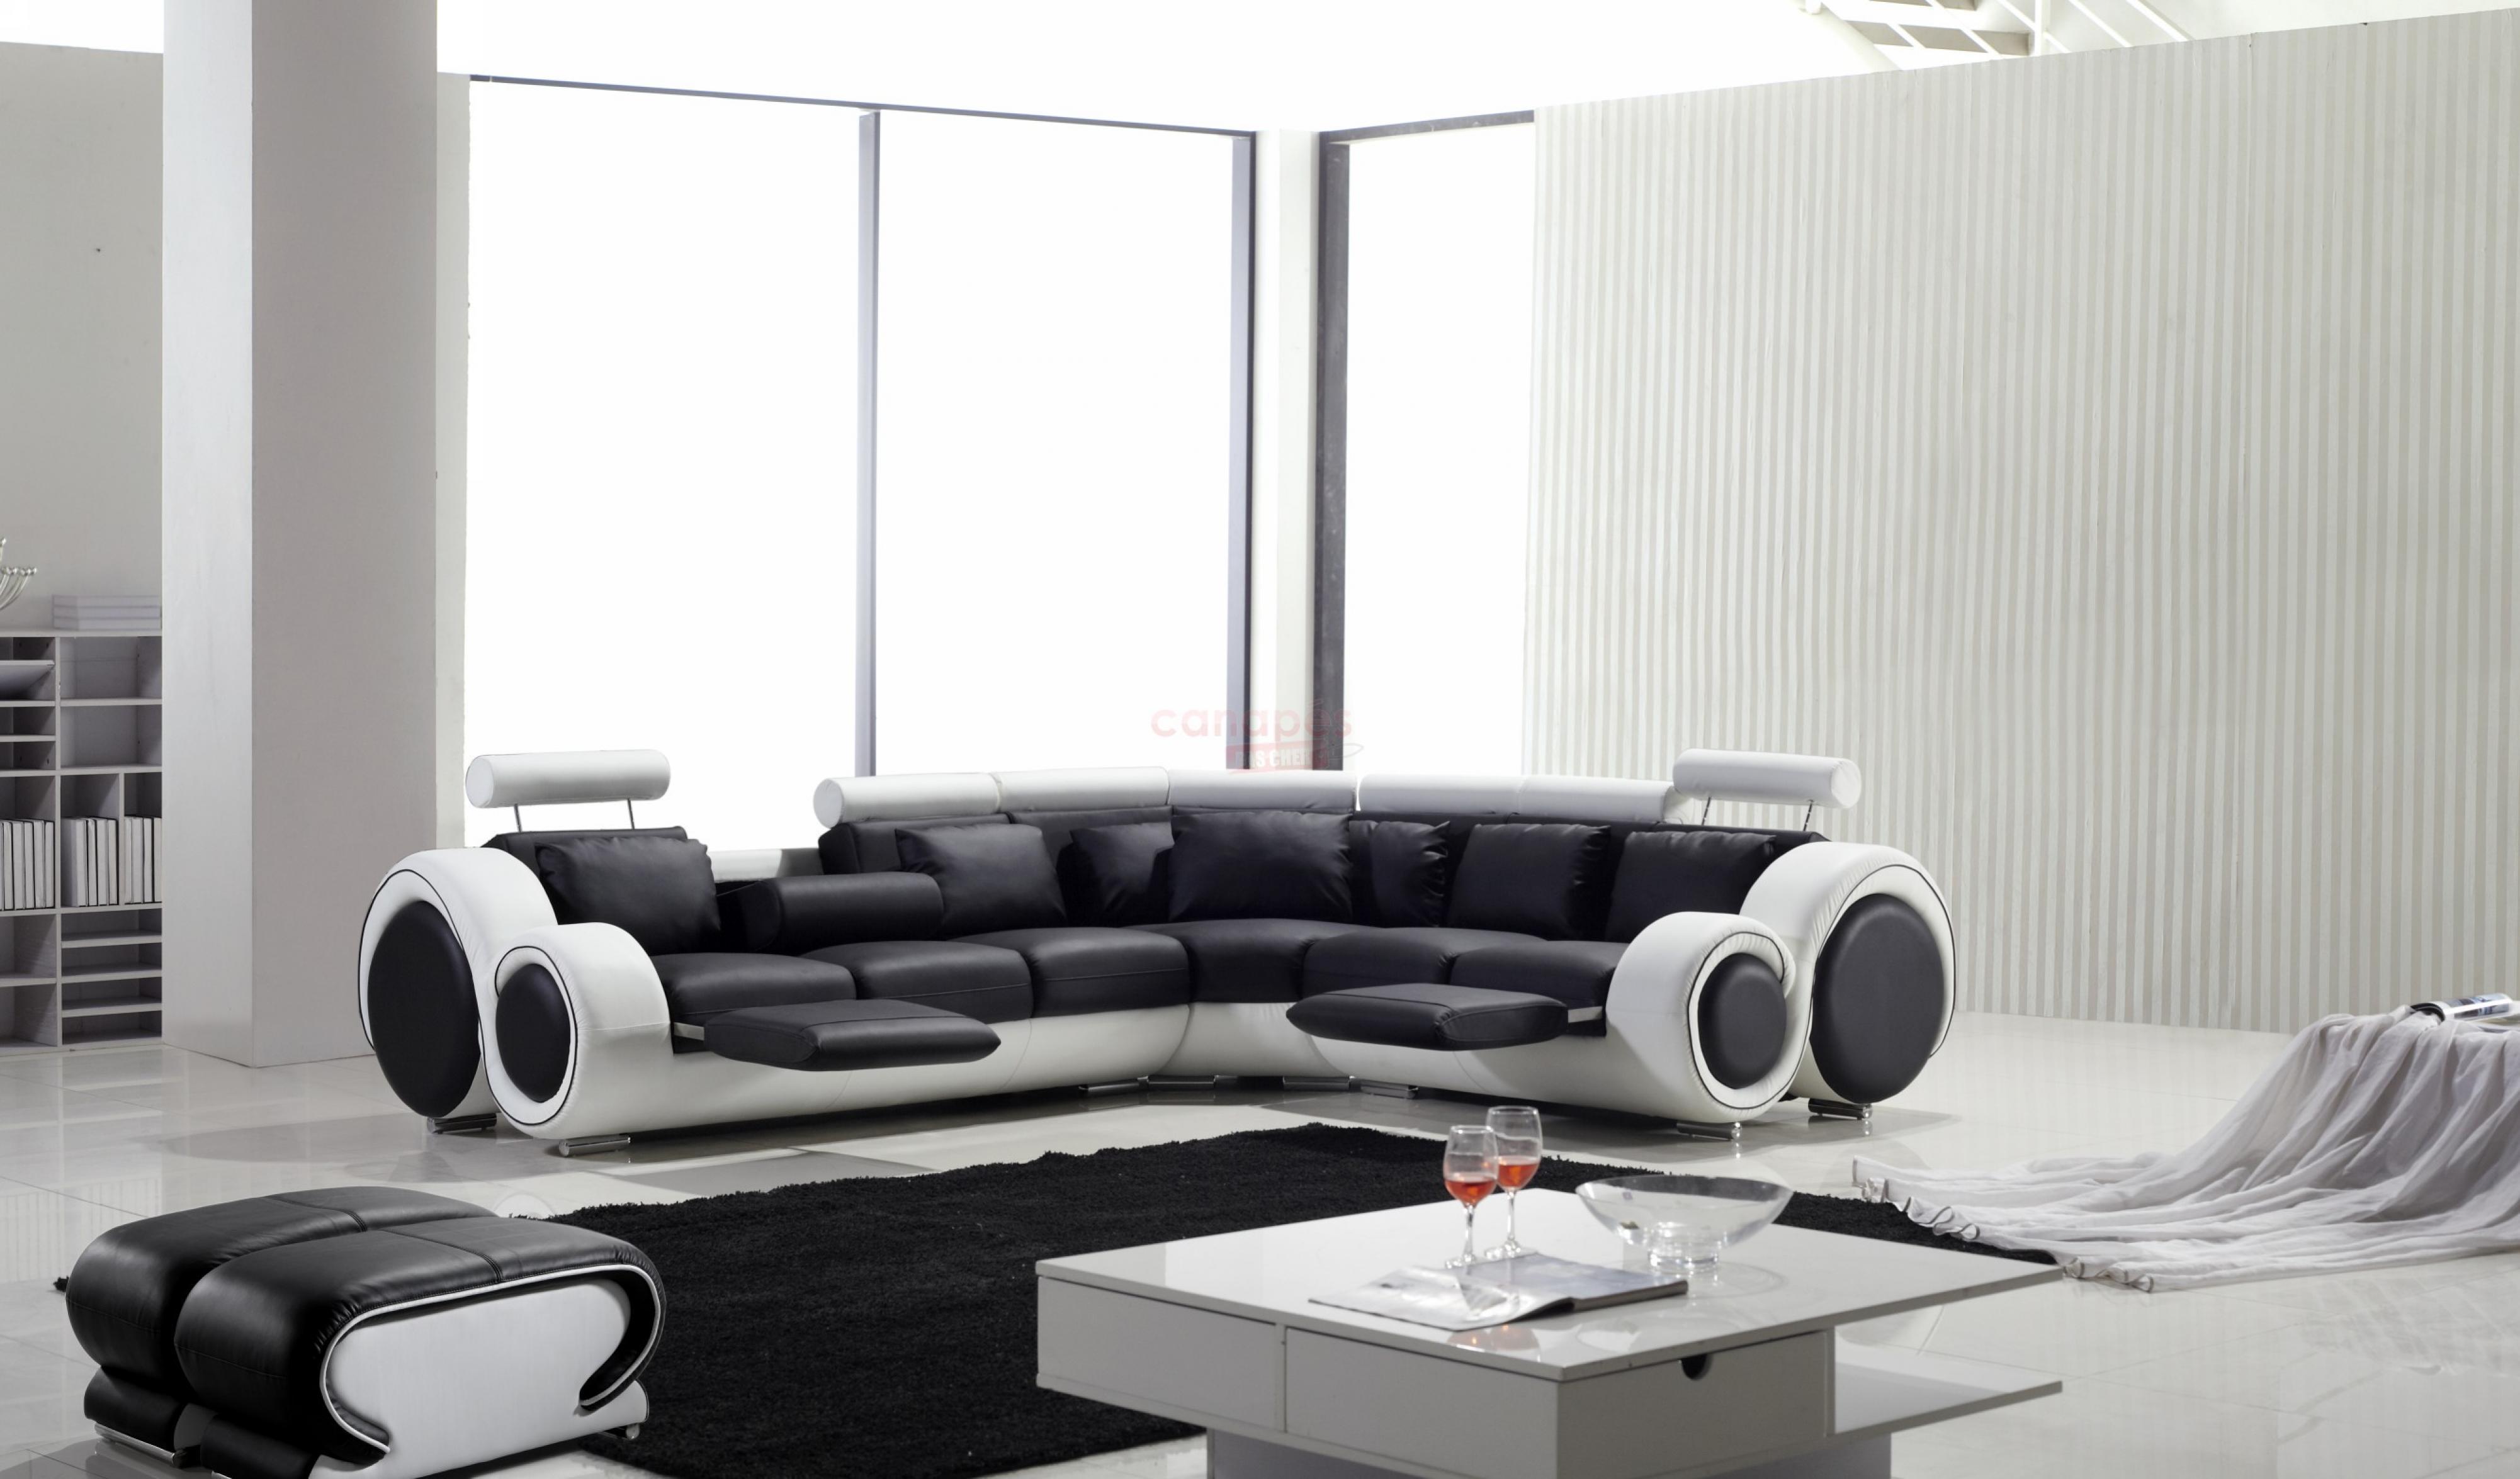 full canape d angle design noir et blanc 10 Résultat Supérieur 50 Meilleur De Canape Panoramique Noir Et Blanc Image 2017 Pkt6